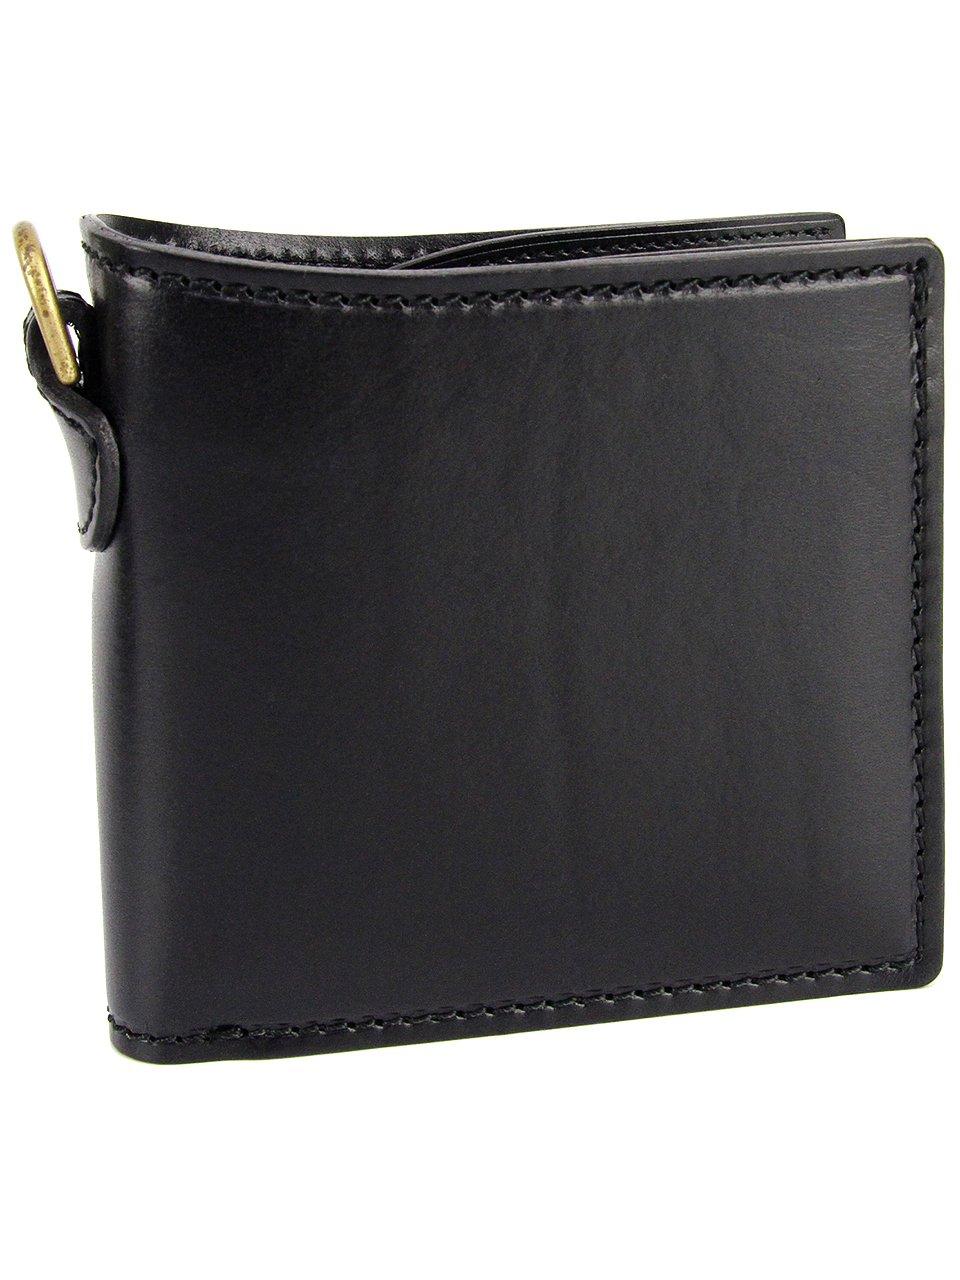 [コルボ] CORBO. -Ridgeリッジシリーズ 二つ折り財布 8LK-9901 B001I9P8RC ブラック ブラック